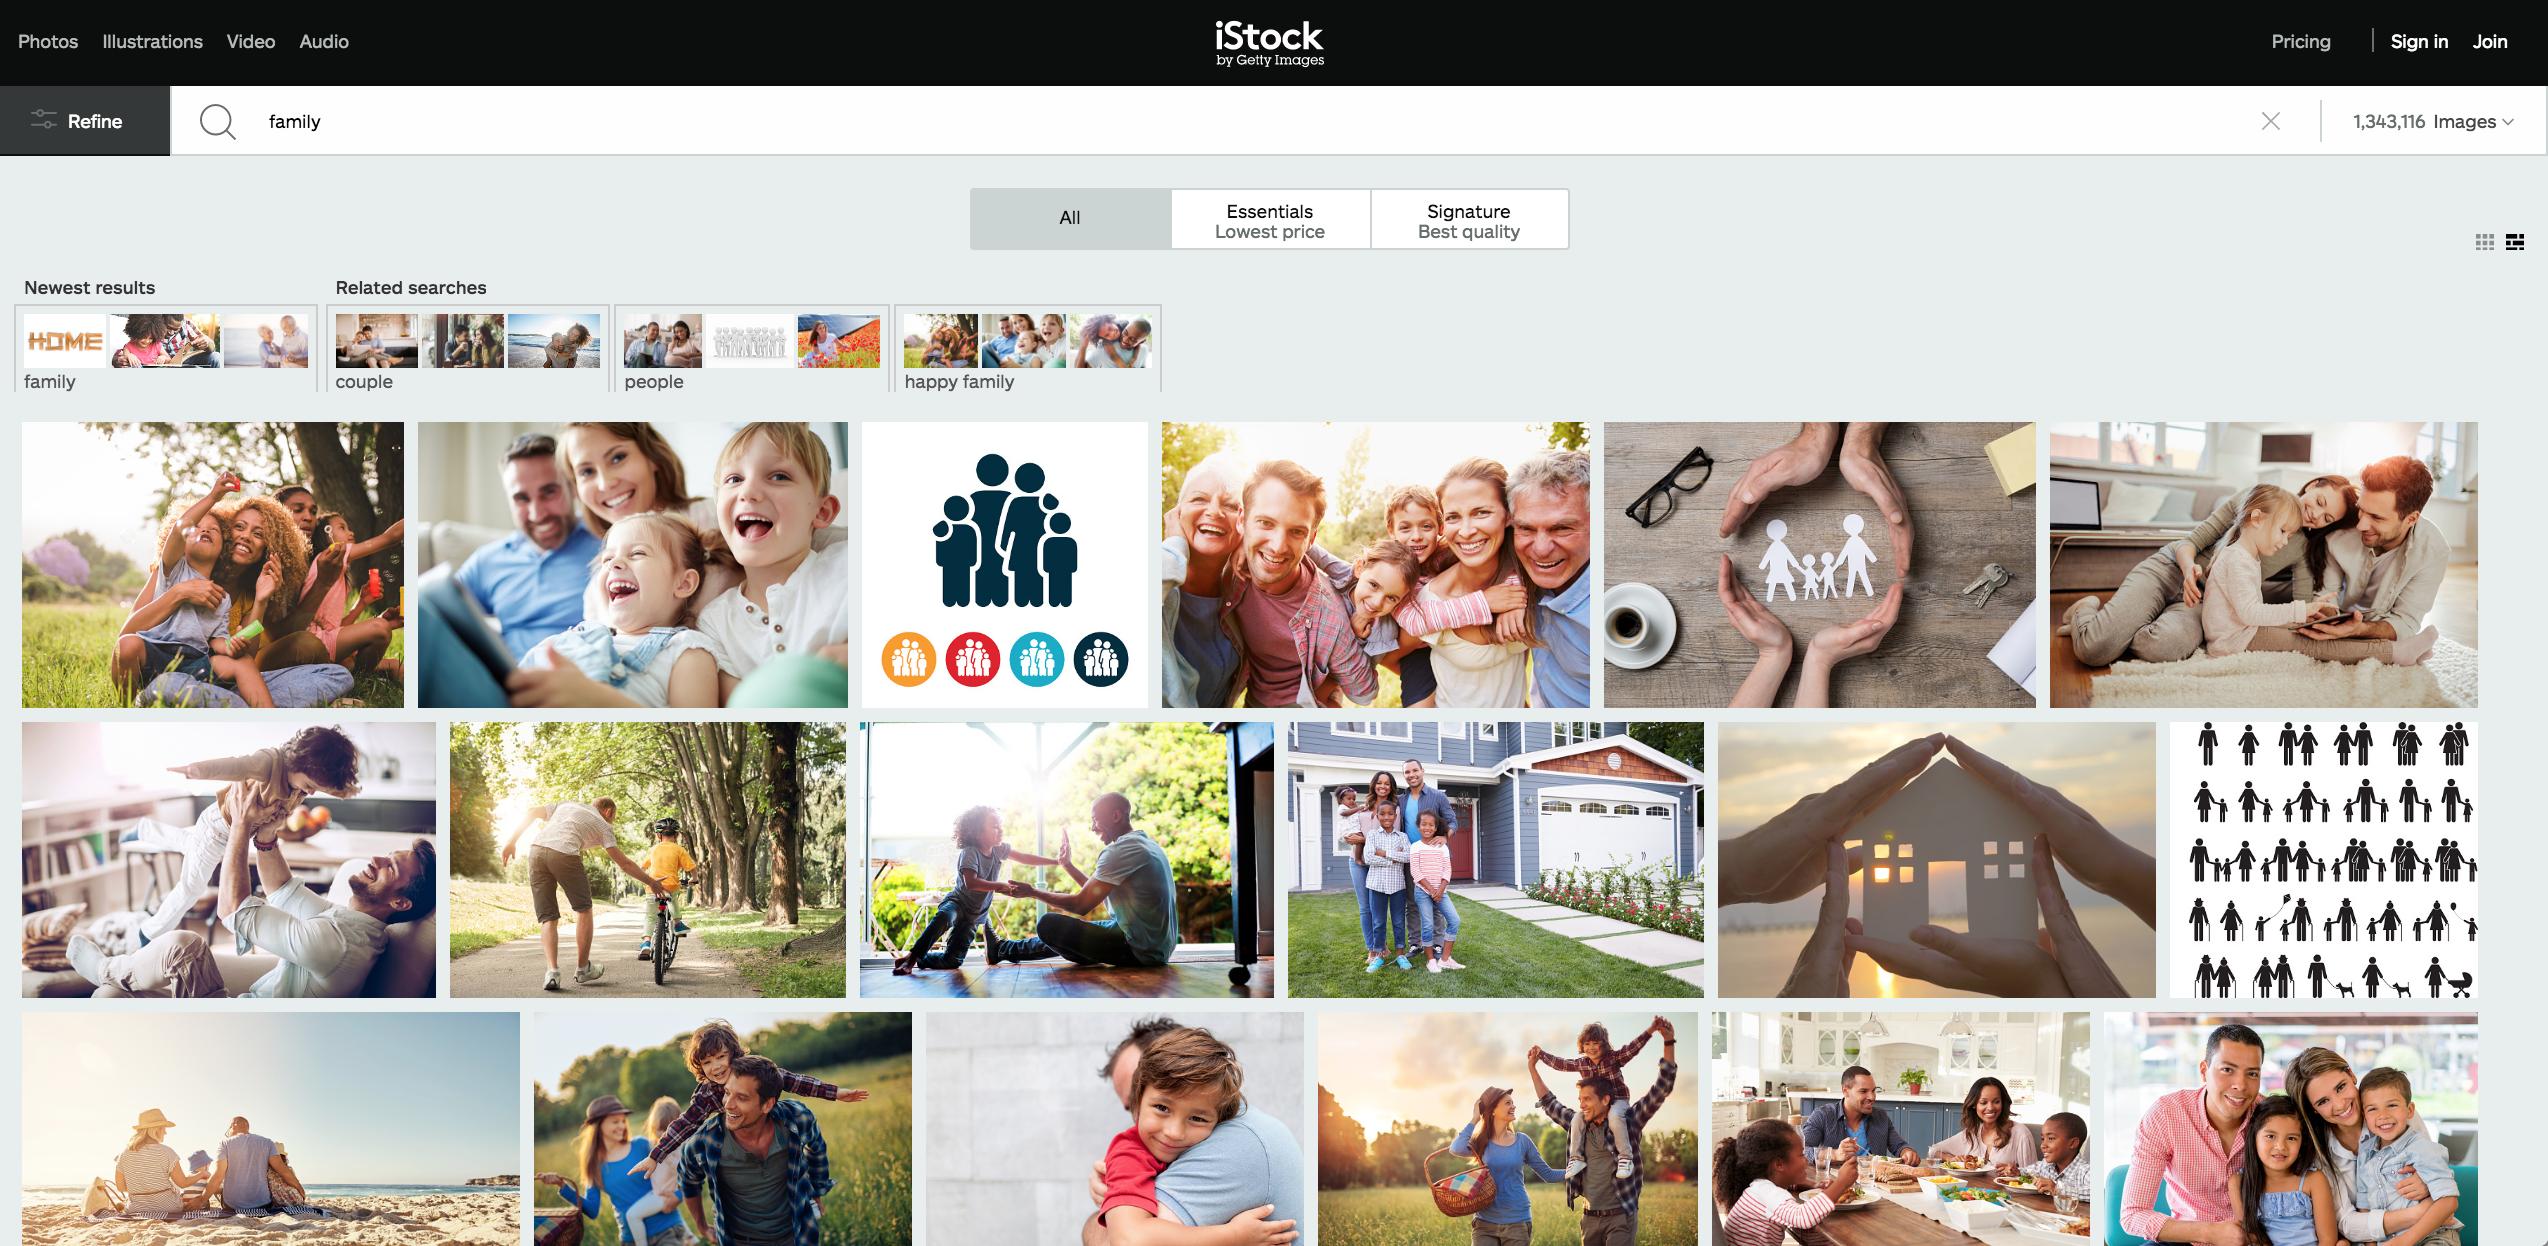 Сторінка фотостоку iStock. Скриншот екрана.